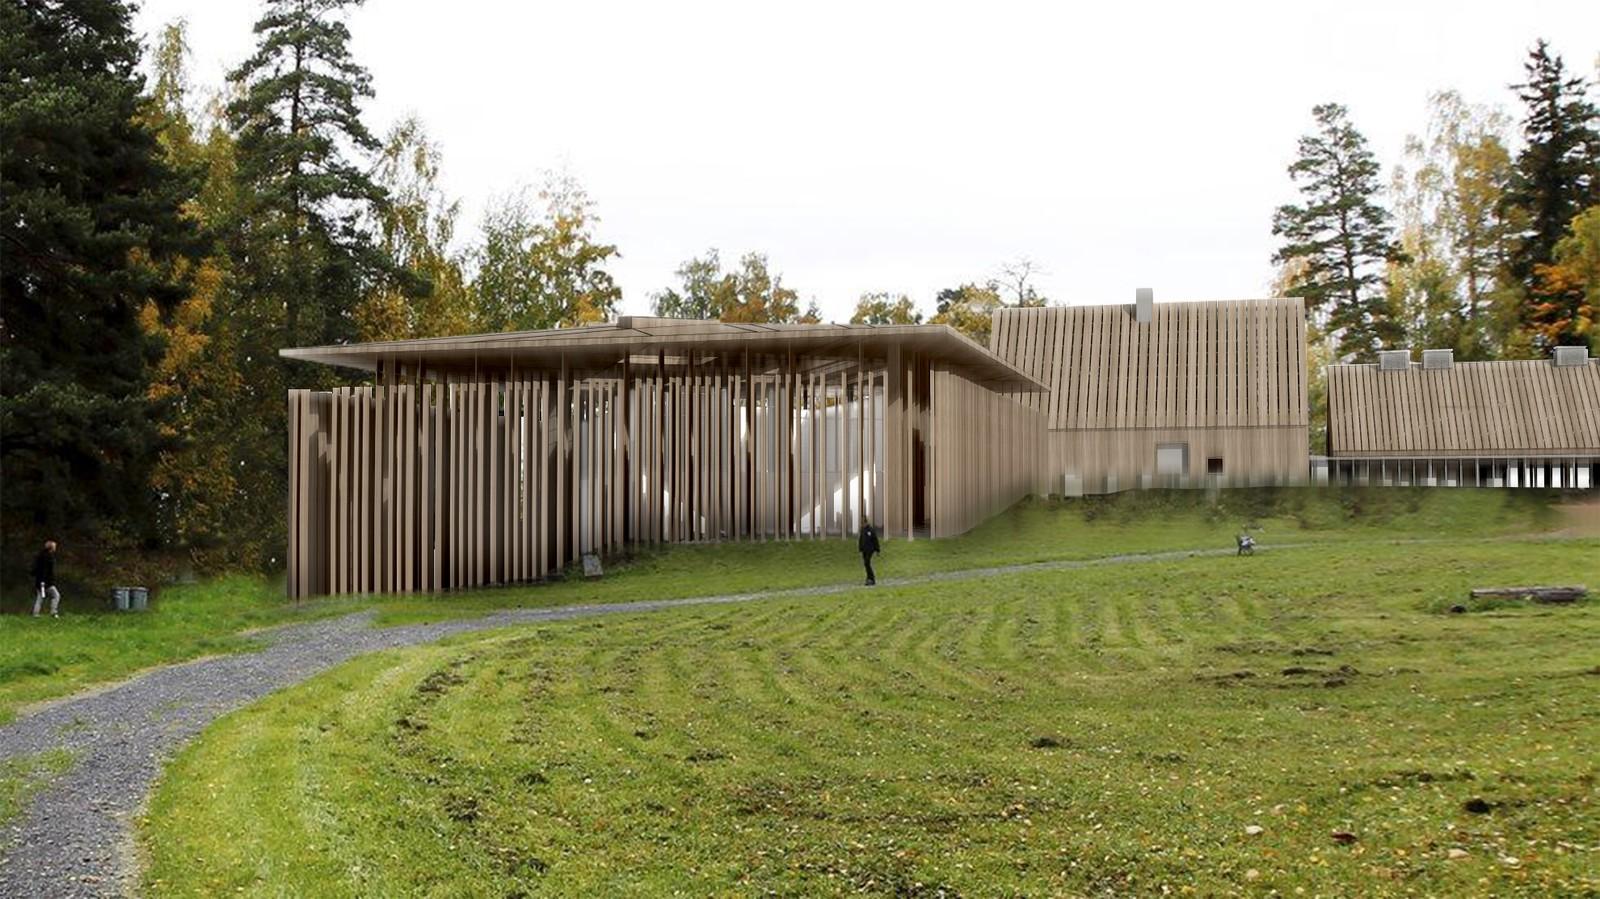 Byggearbeidet med Hegnhuset, det såkalte læringssenteret, er nå i gang. Ferdigstilling er planlagt sommeren 2016.